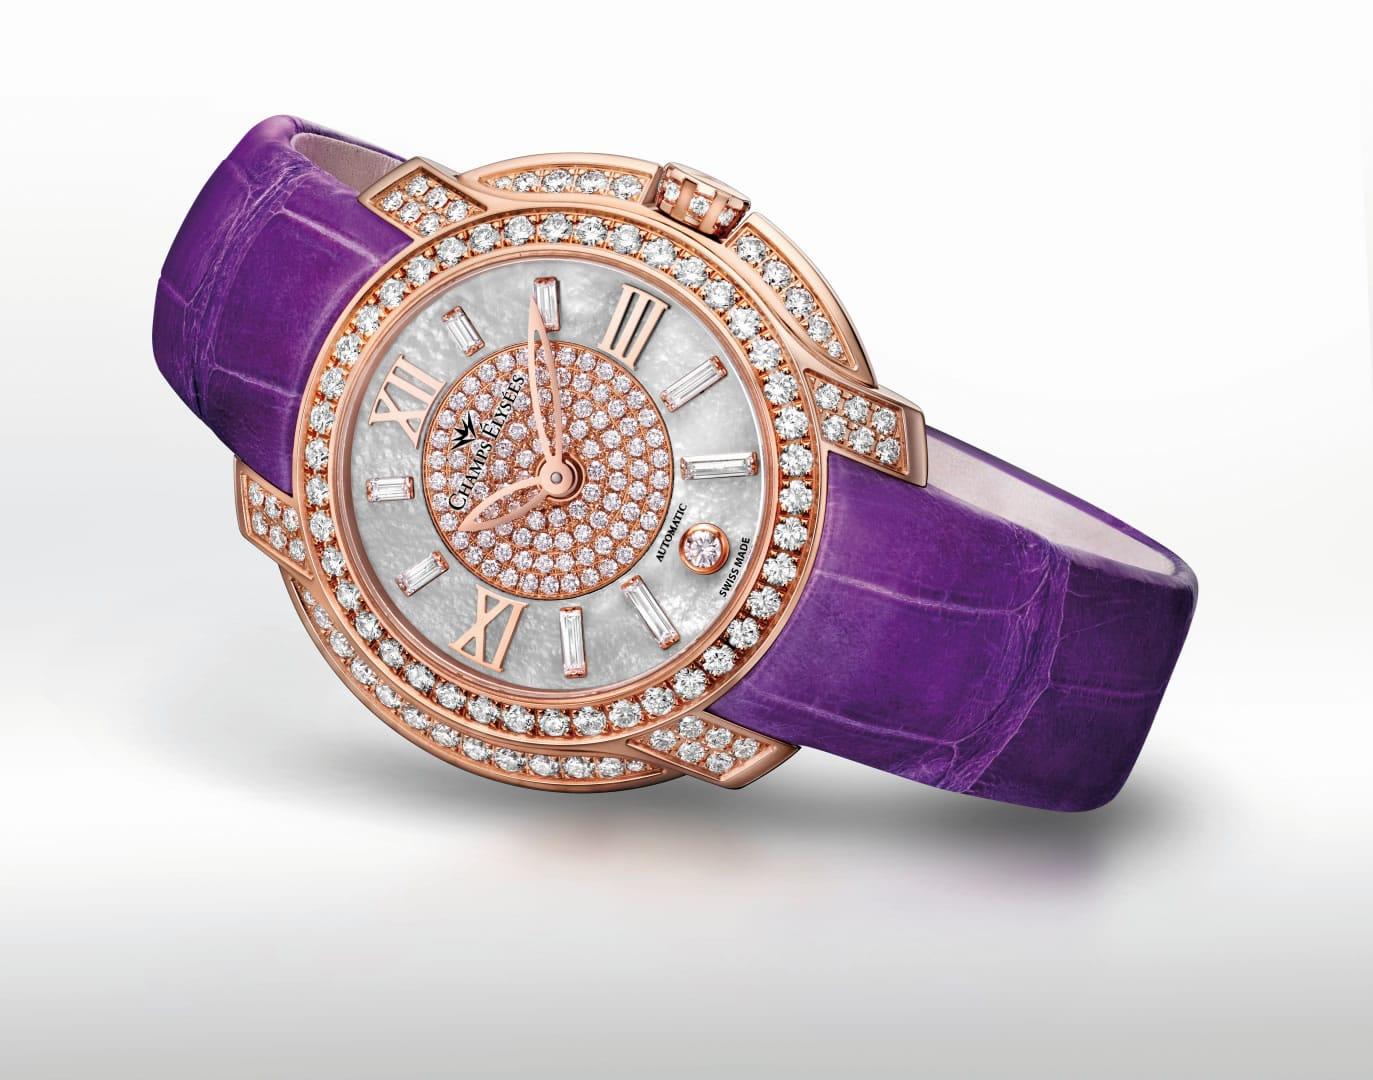 Auctionata versteigert eine Patek Philippe Uhr für 778.500 Euro